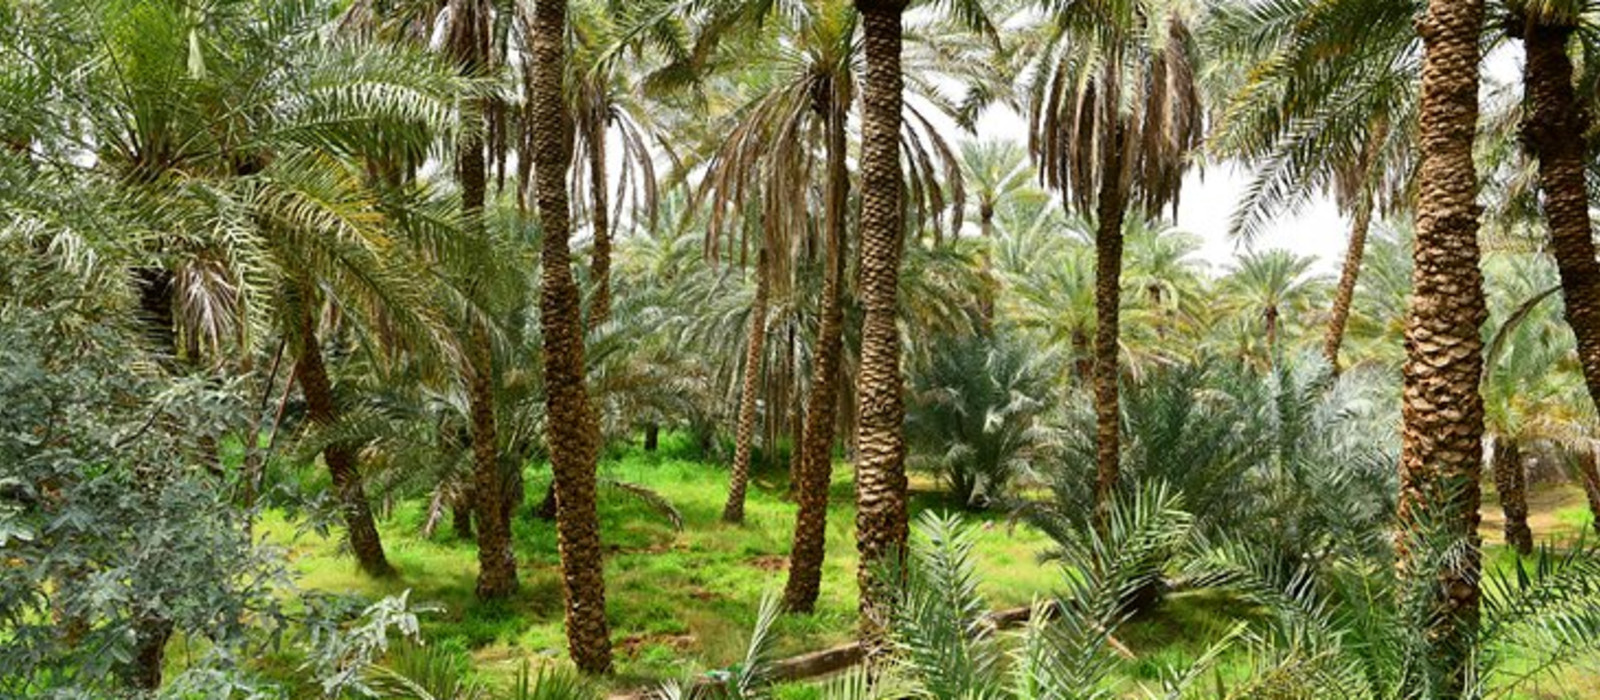 Reiseziel Al Ain Vereinigte Arabische Emirate